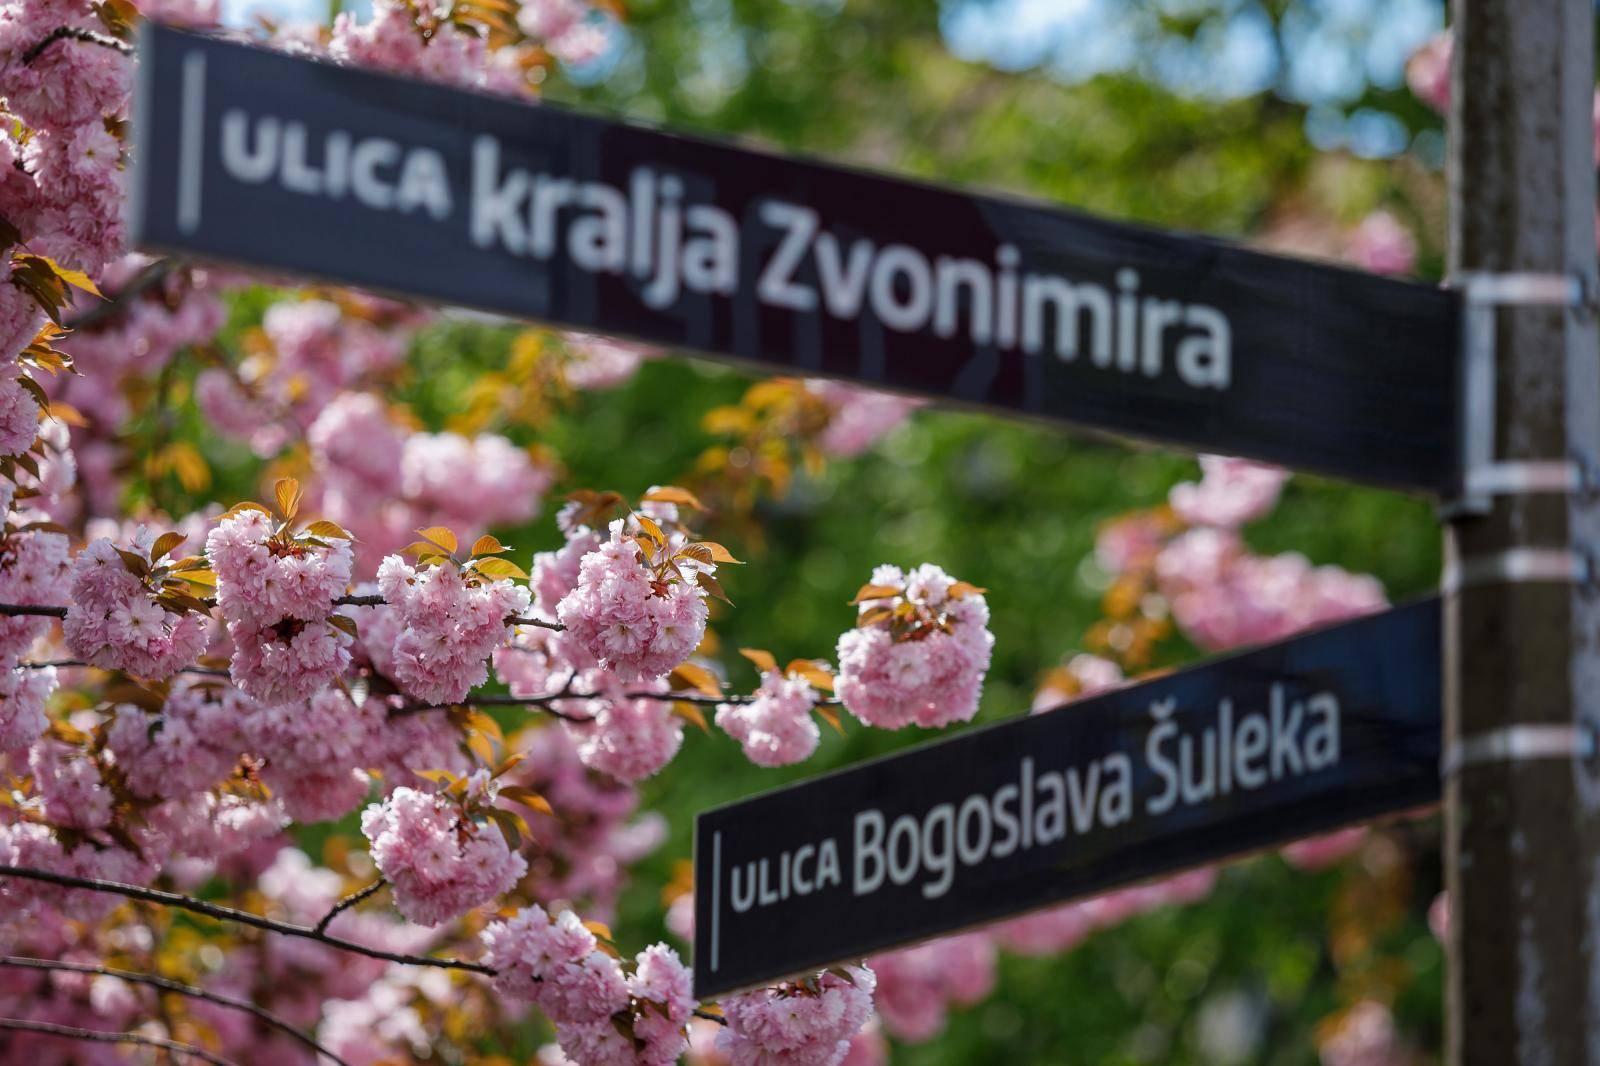 U vrijeme cvatnje Šulekova ulica postaje jedna od najljepših ulica u Zagrebu